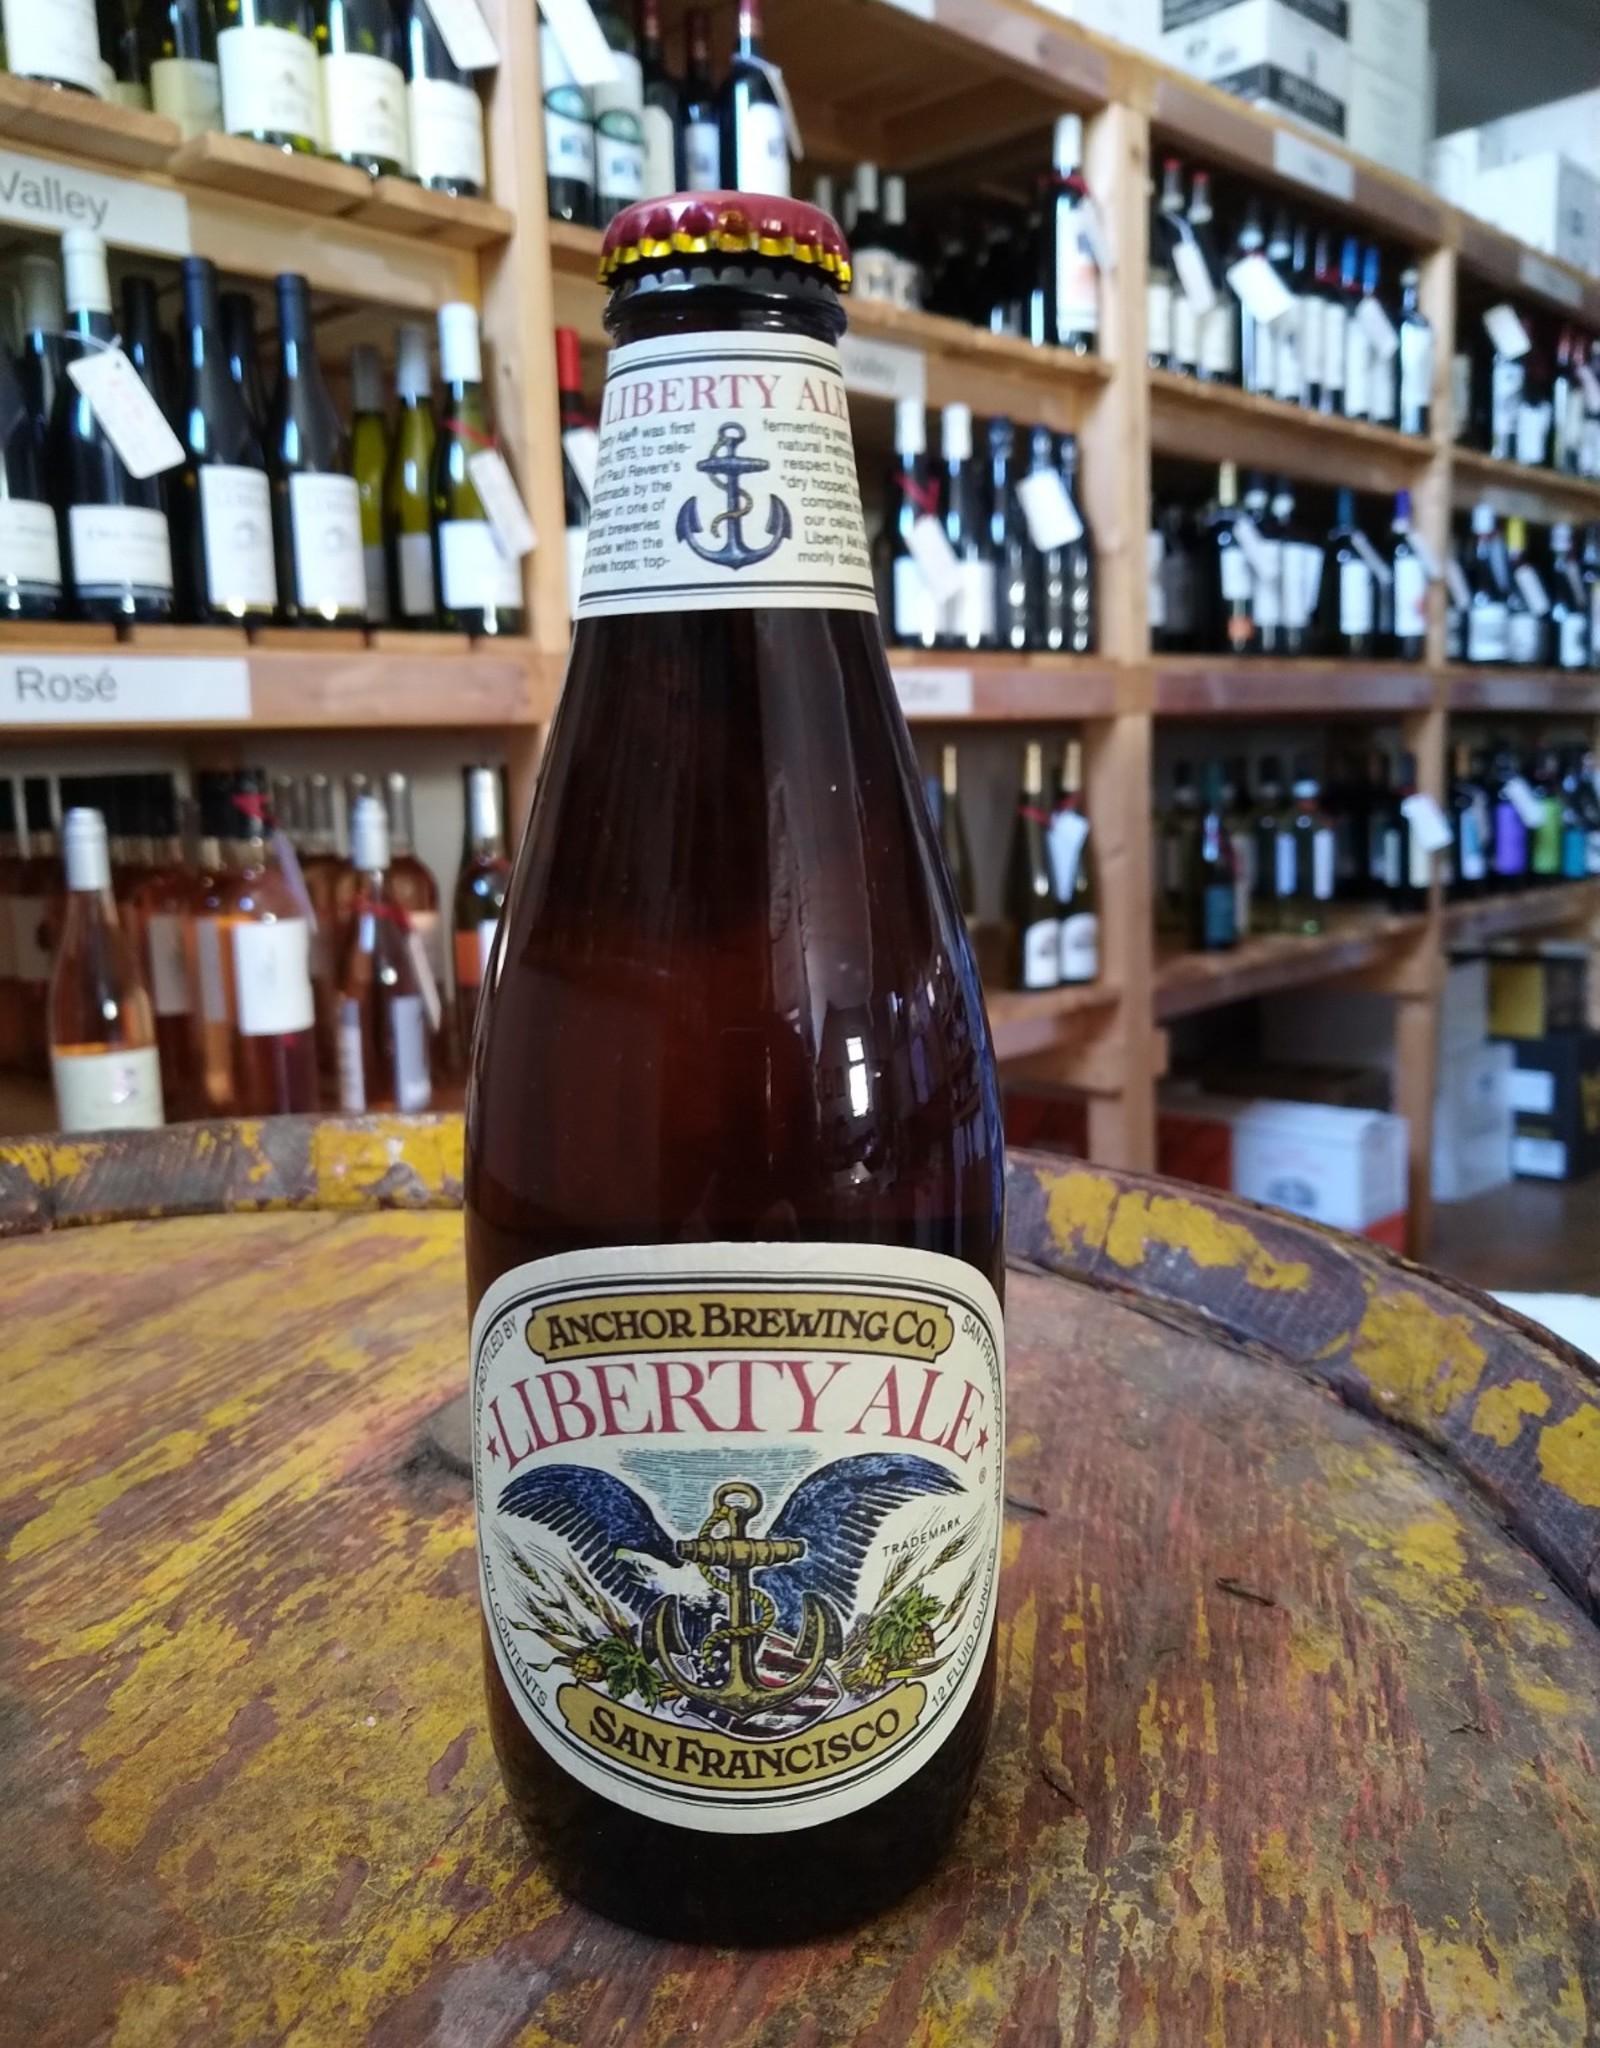 Liberty Ale, Anchor Brewing Co